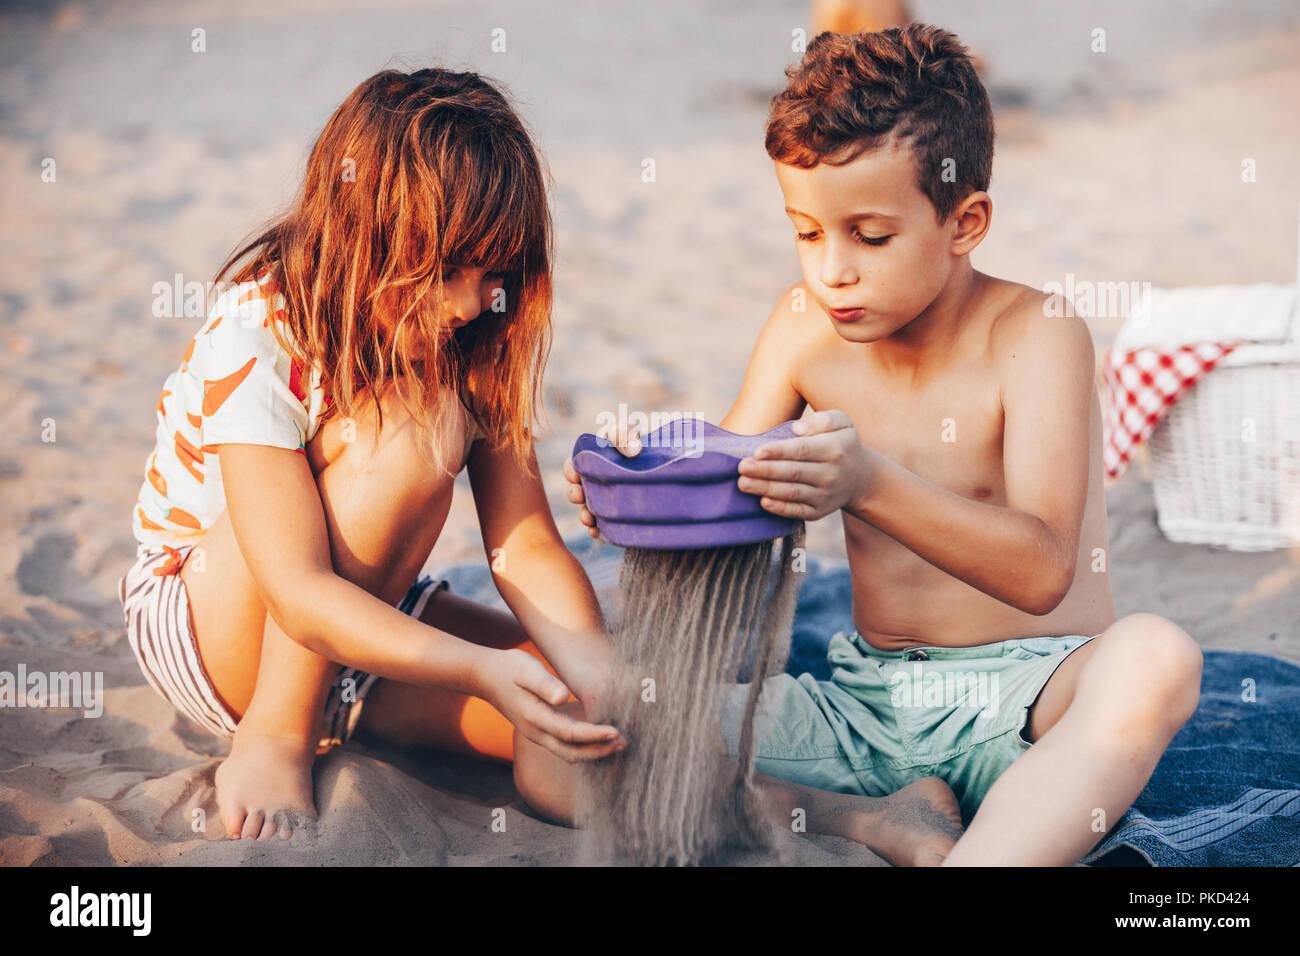 Happy positive Kinder sitzen auf einem Handtuch am Strand und Spielen mit Sand. Sommer Urlaub und gesunden Lebensstil Konzept Stockbild